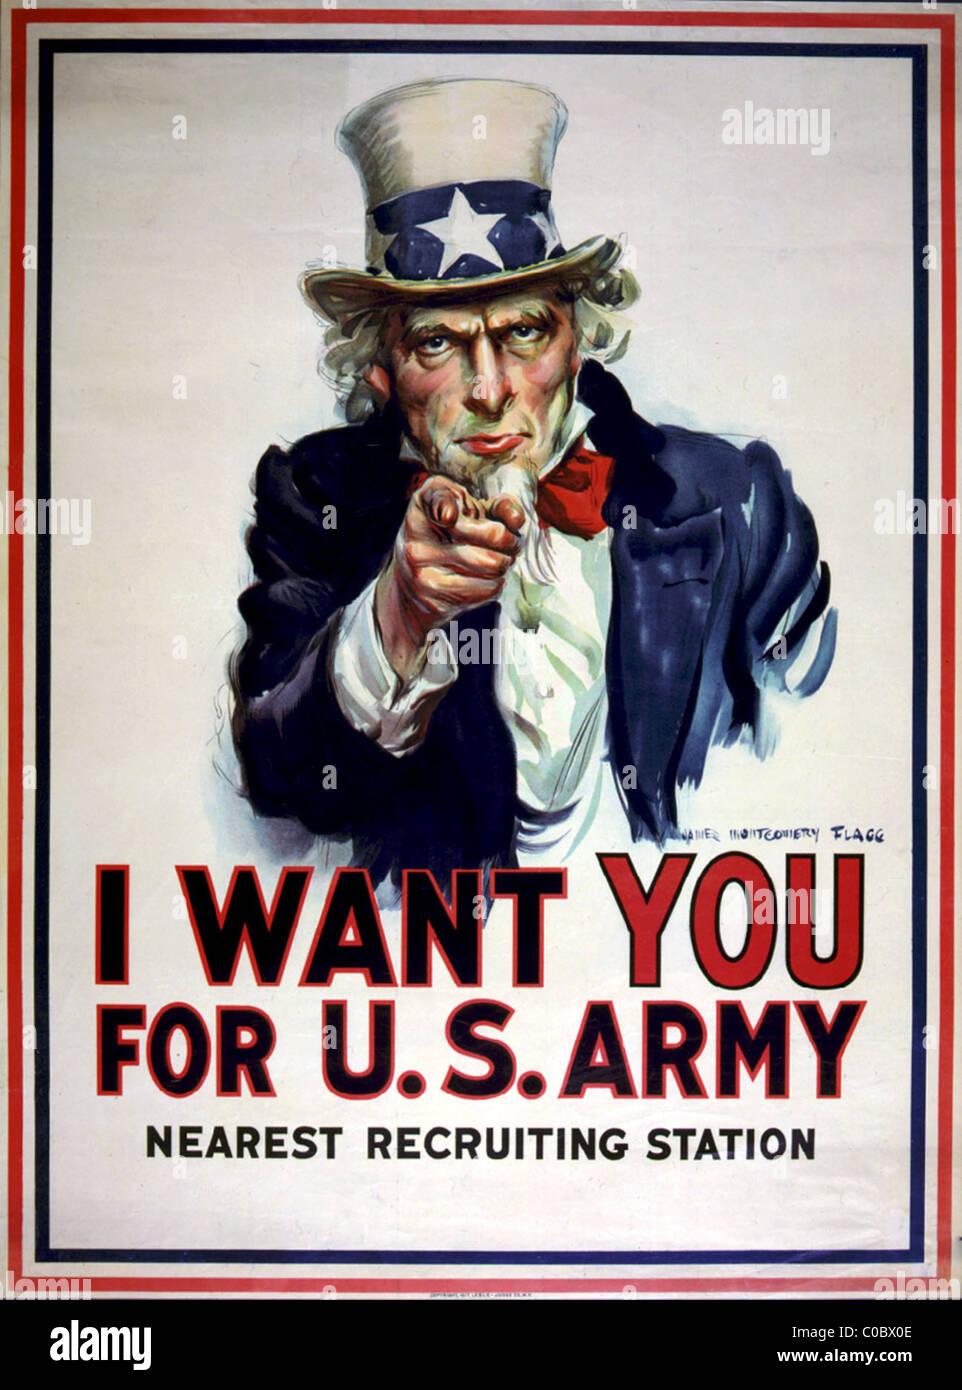 El Tío Sam póster de reclutamiento para el ejército de los EE.UU. Imagen De Stock